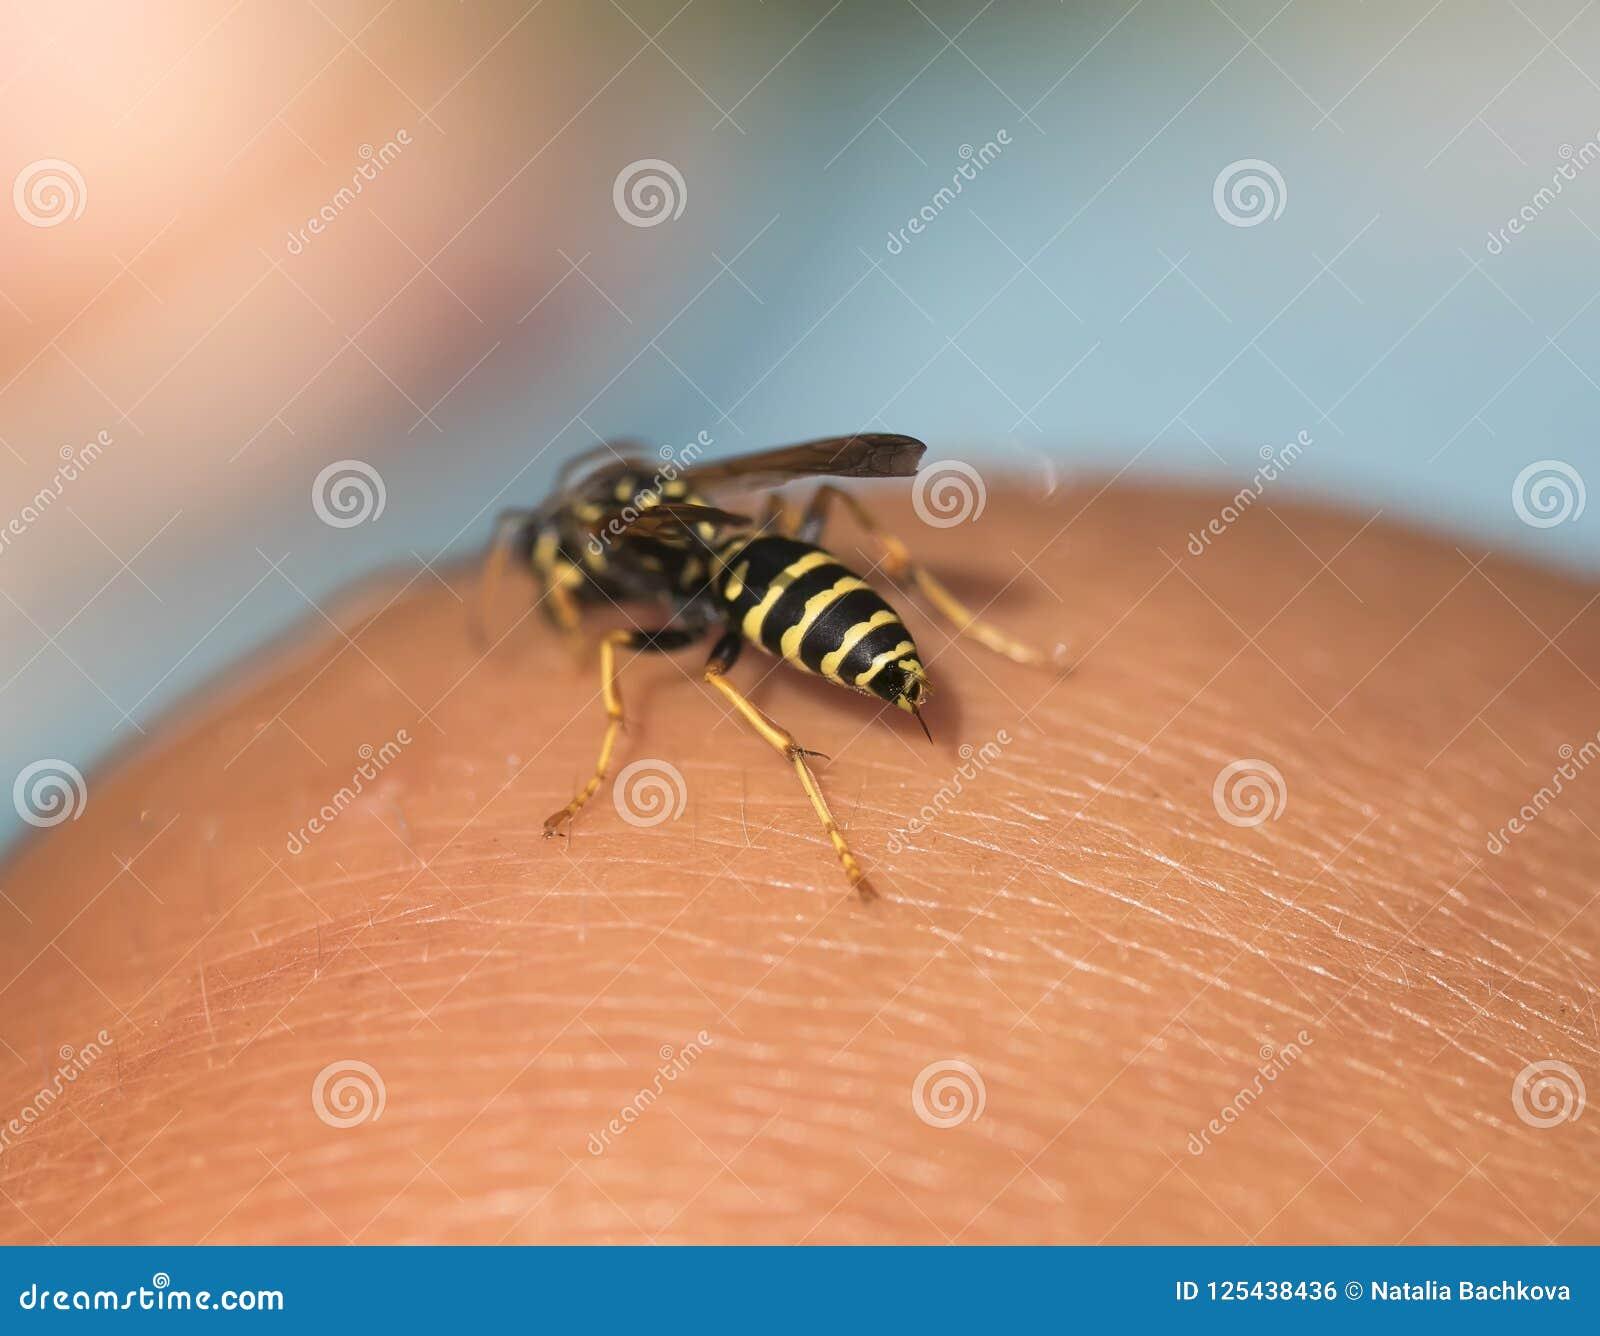 La avispa hueco del insecto voló a la mano humana y sacó una picadura t